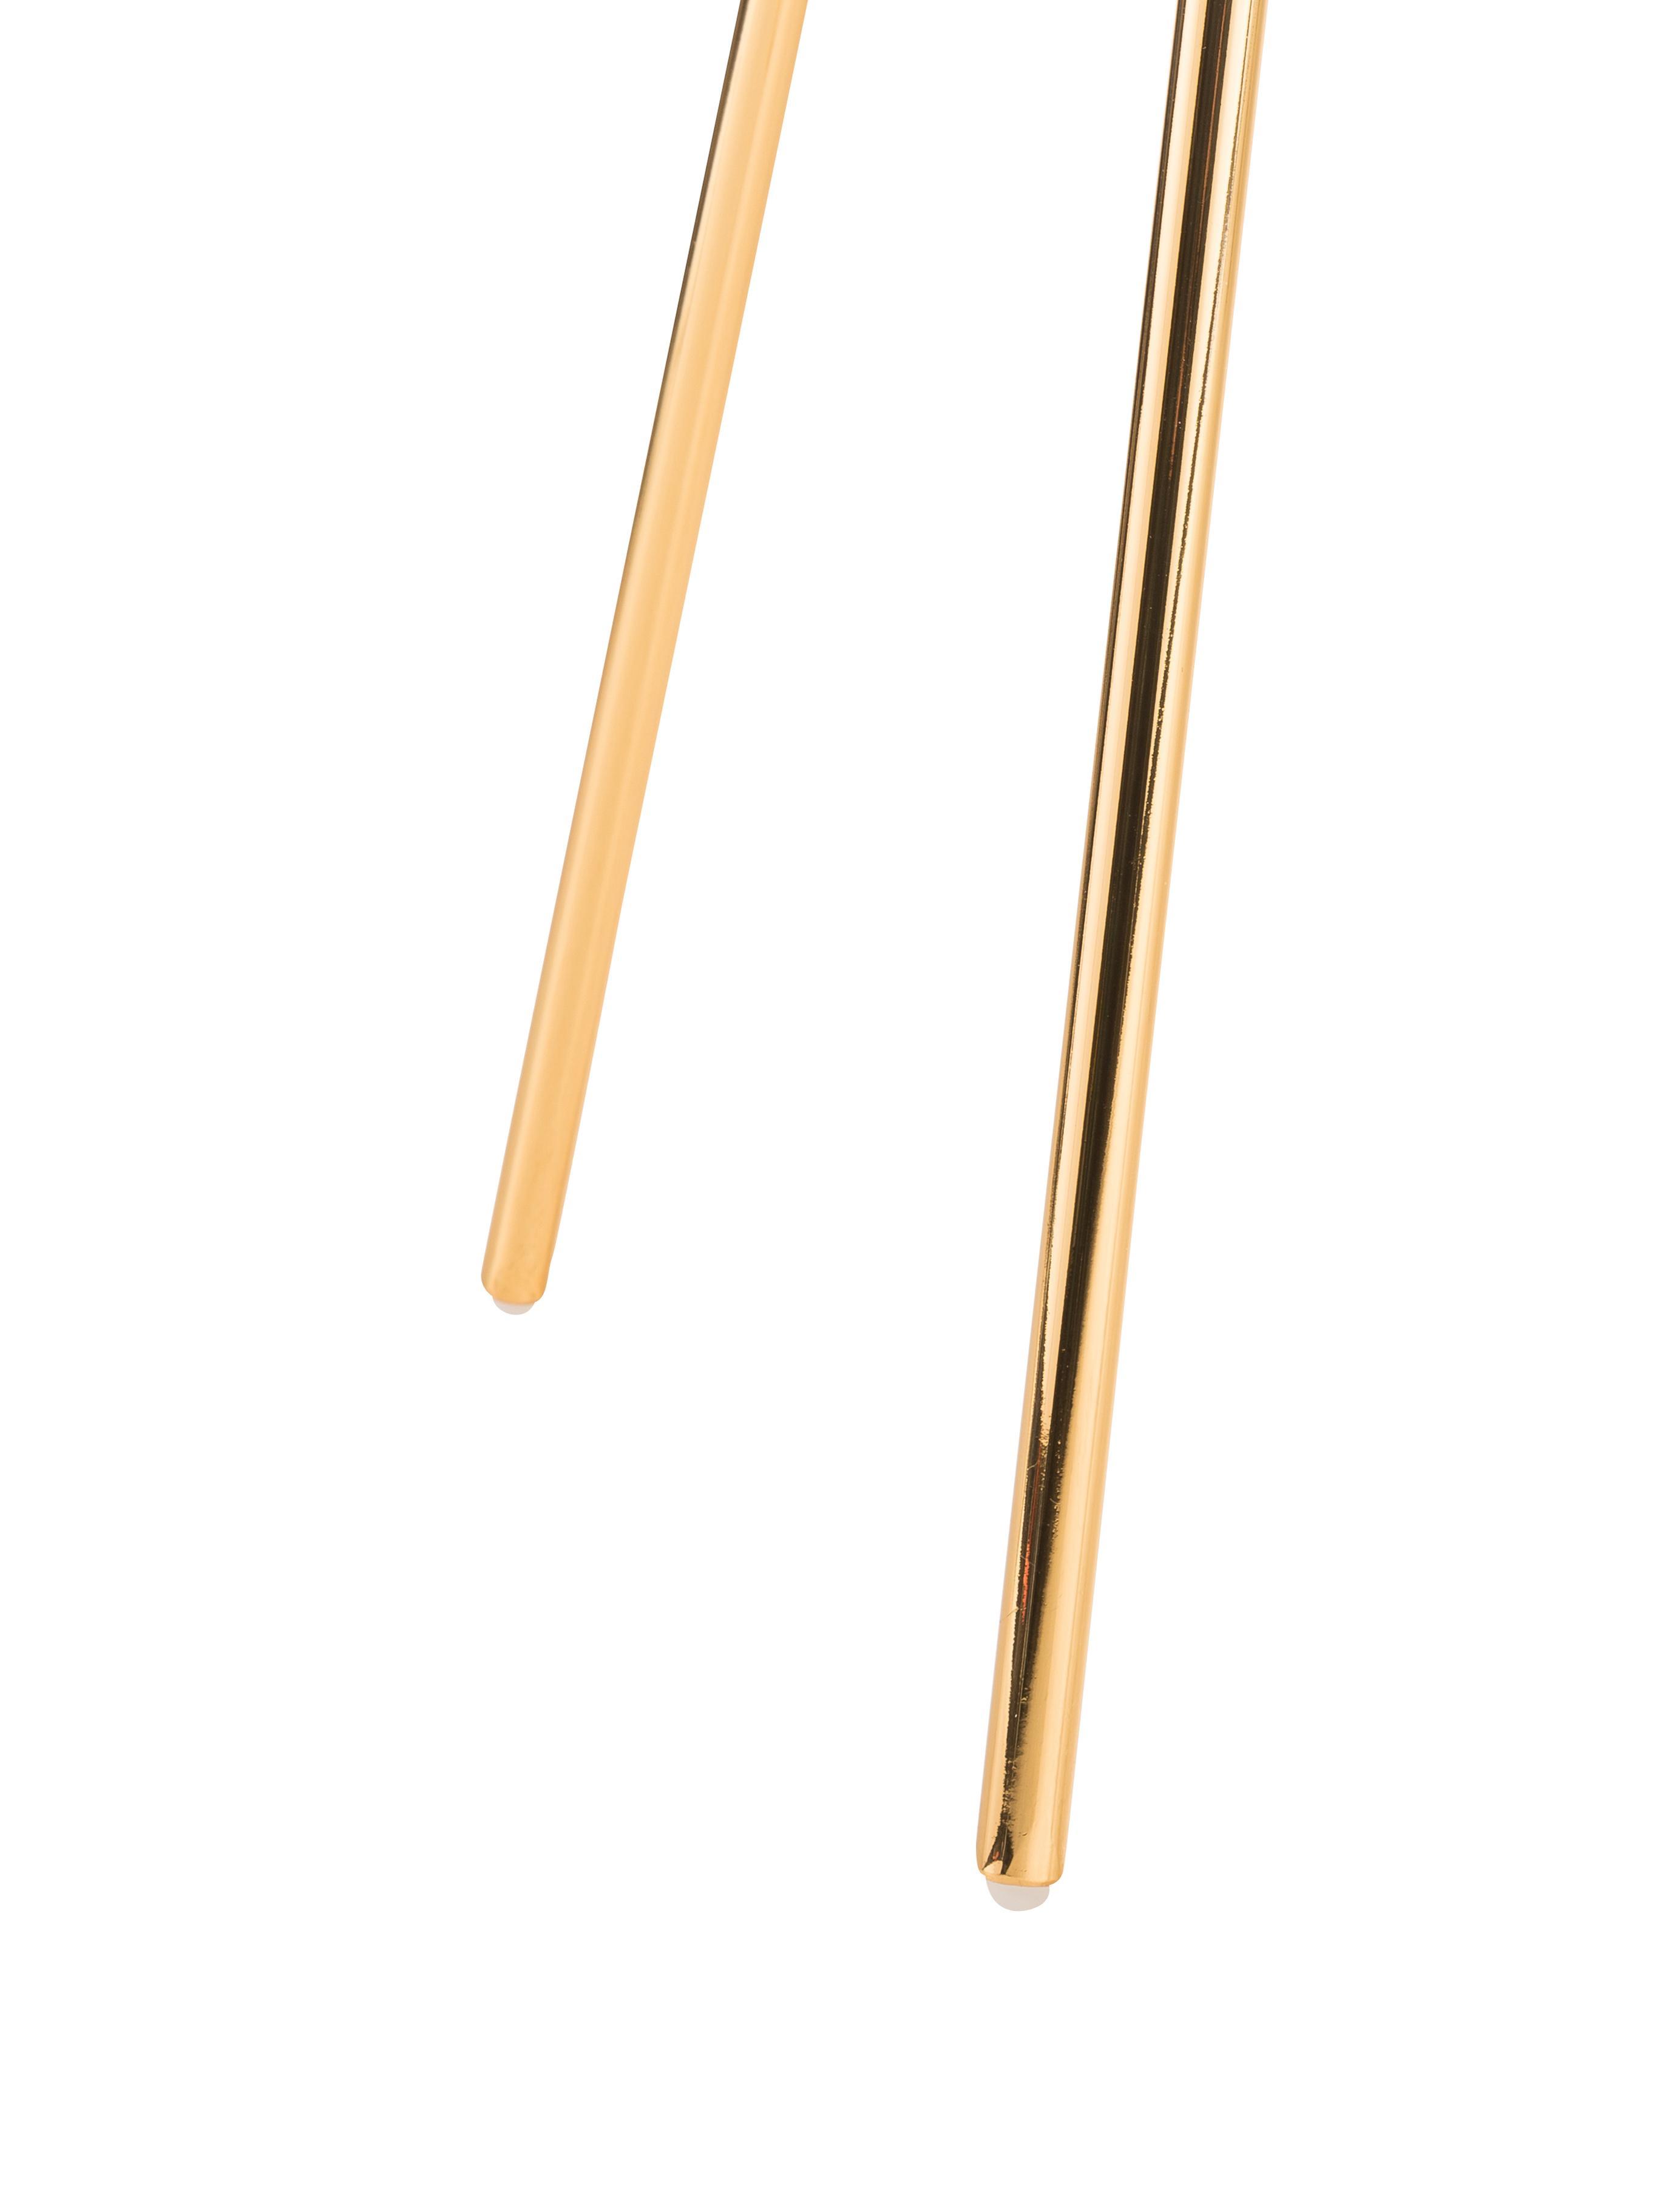 Metall-Sessel Chloé in Gold, Metall, beschichtet, Messing, 71 x 81 cm